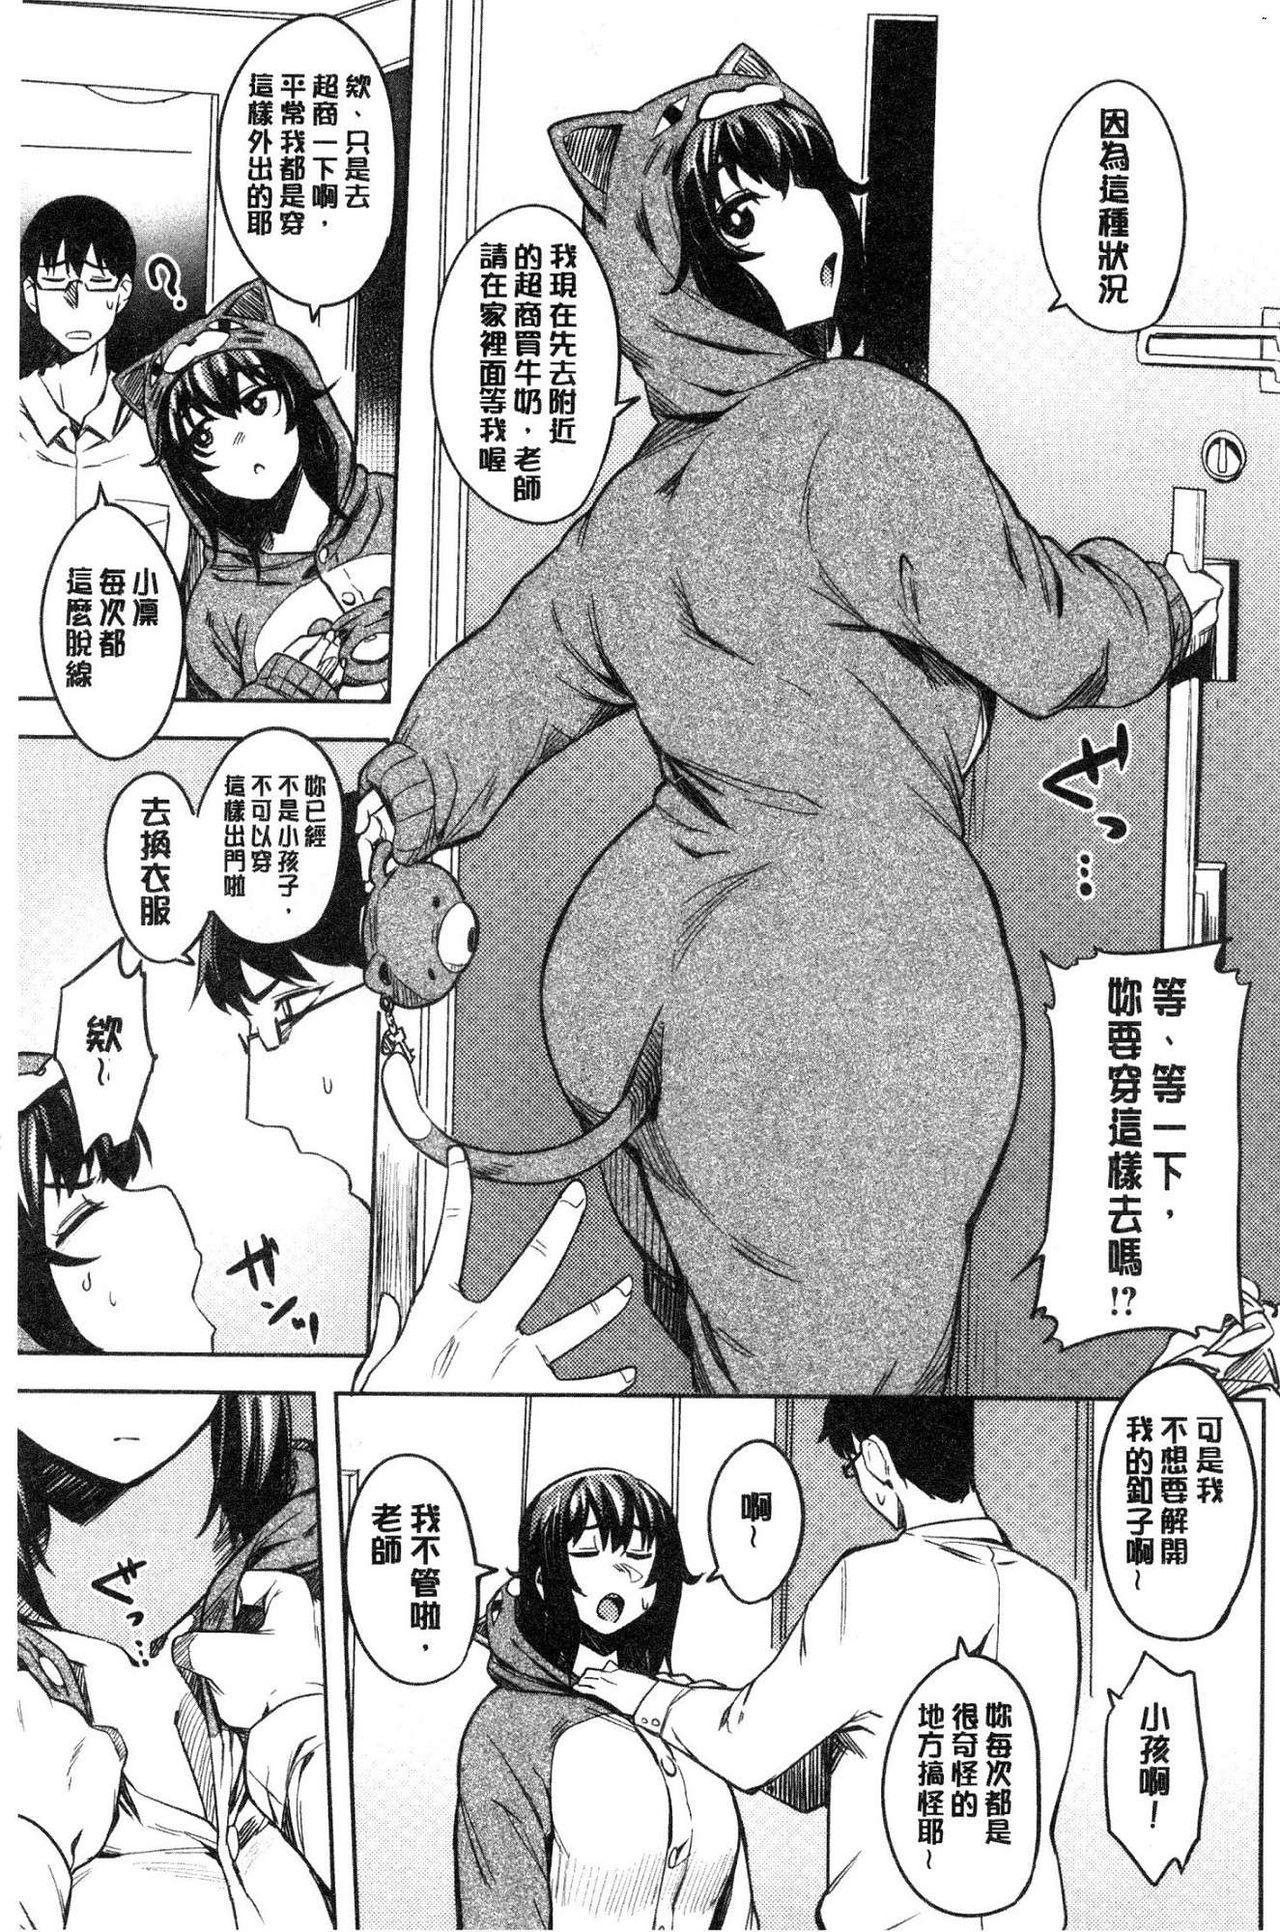 Fuwa toro 6